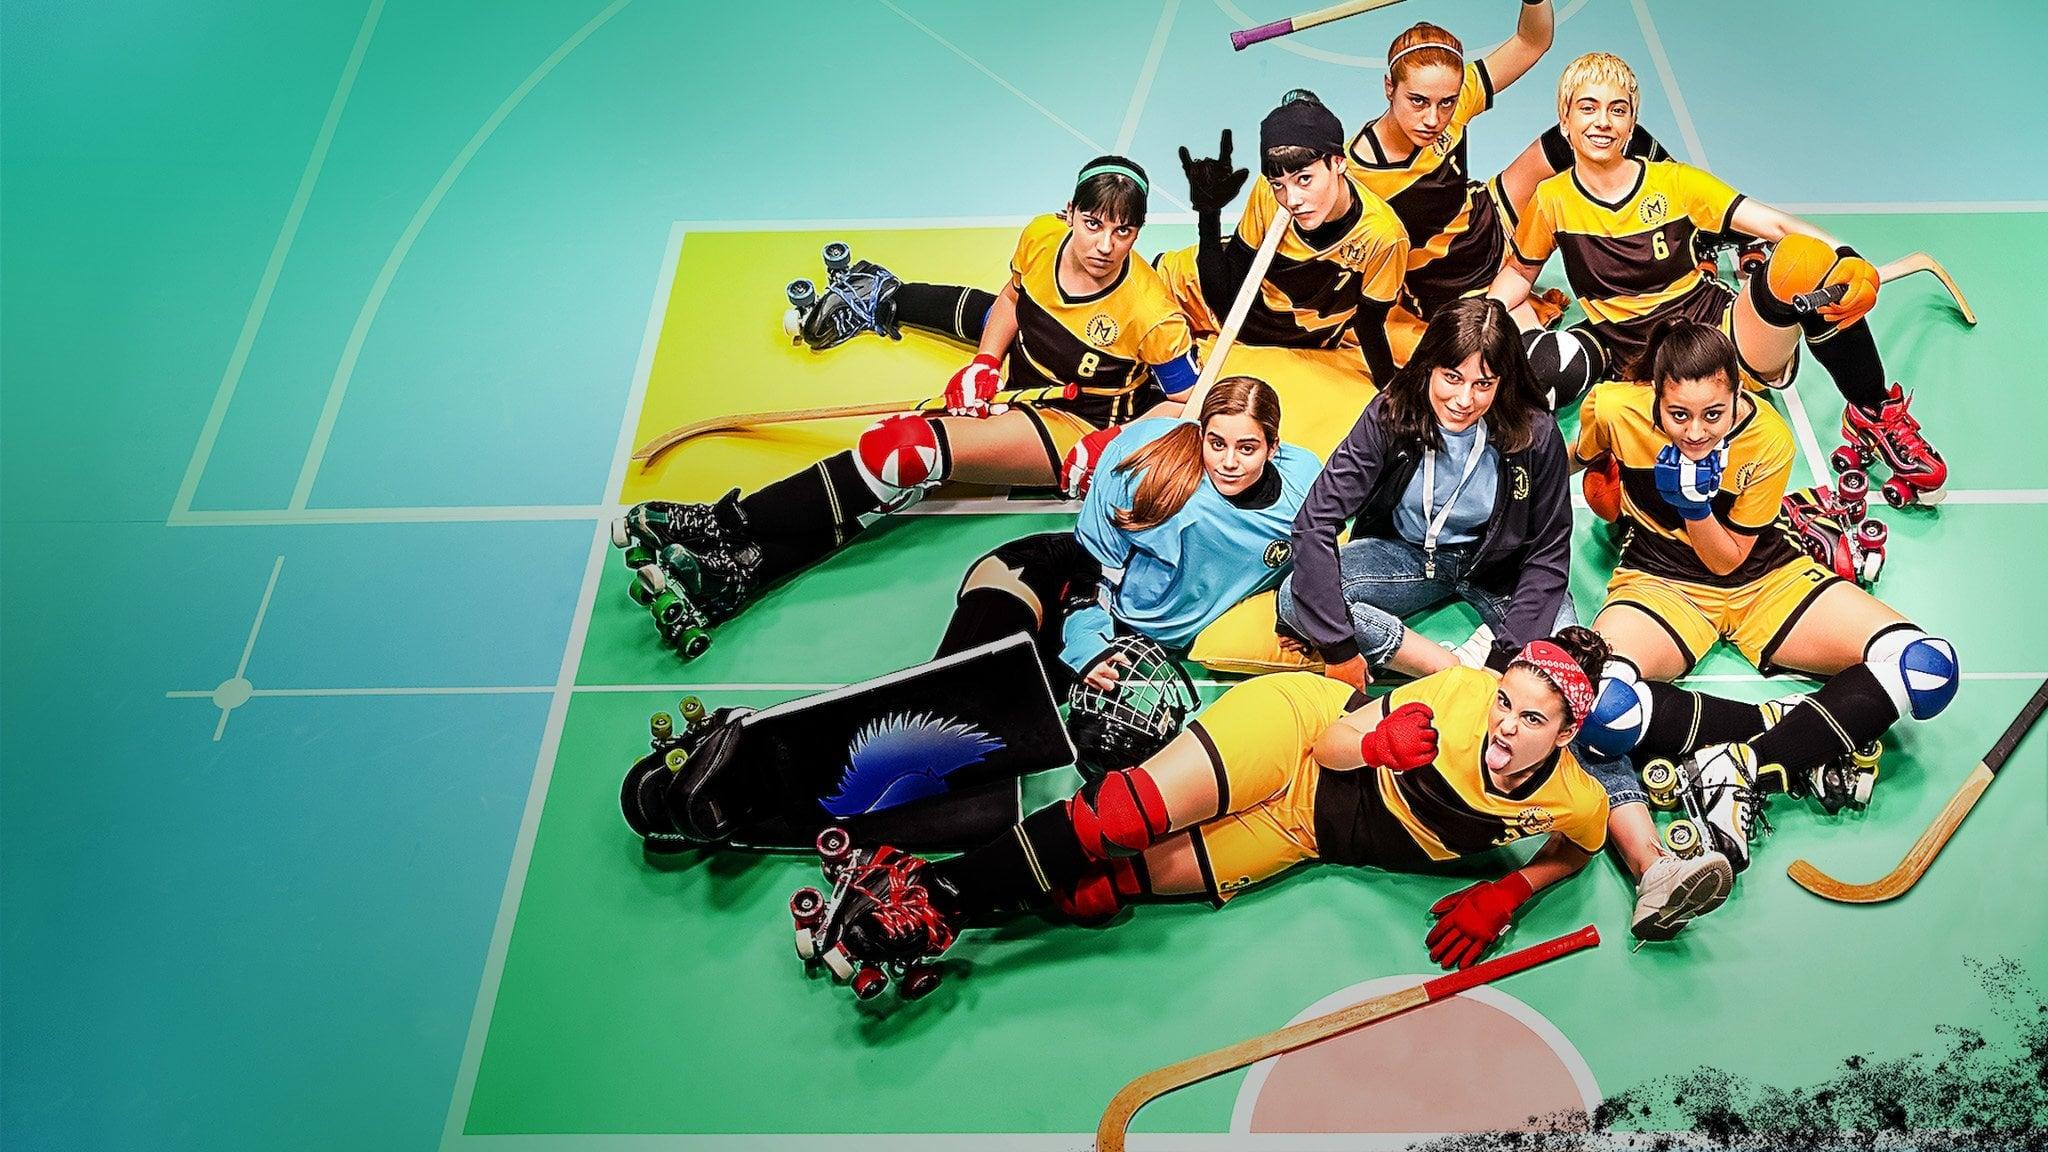 Những Cô Gái Khúc Gôn Cầu - The Hockey Girls | Razorphim